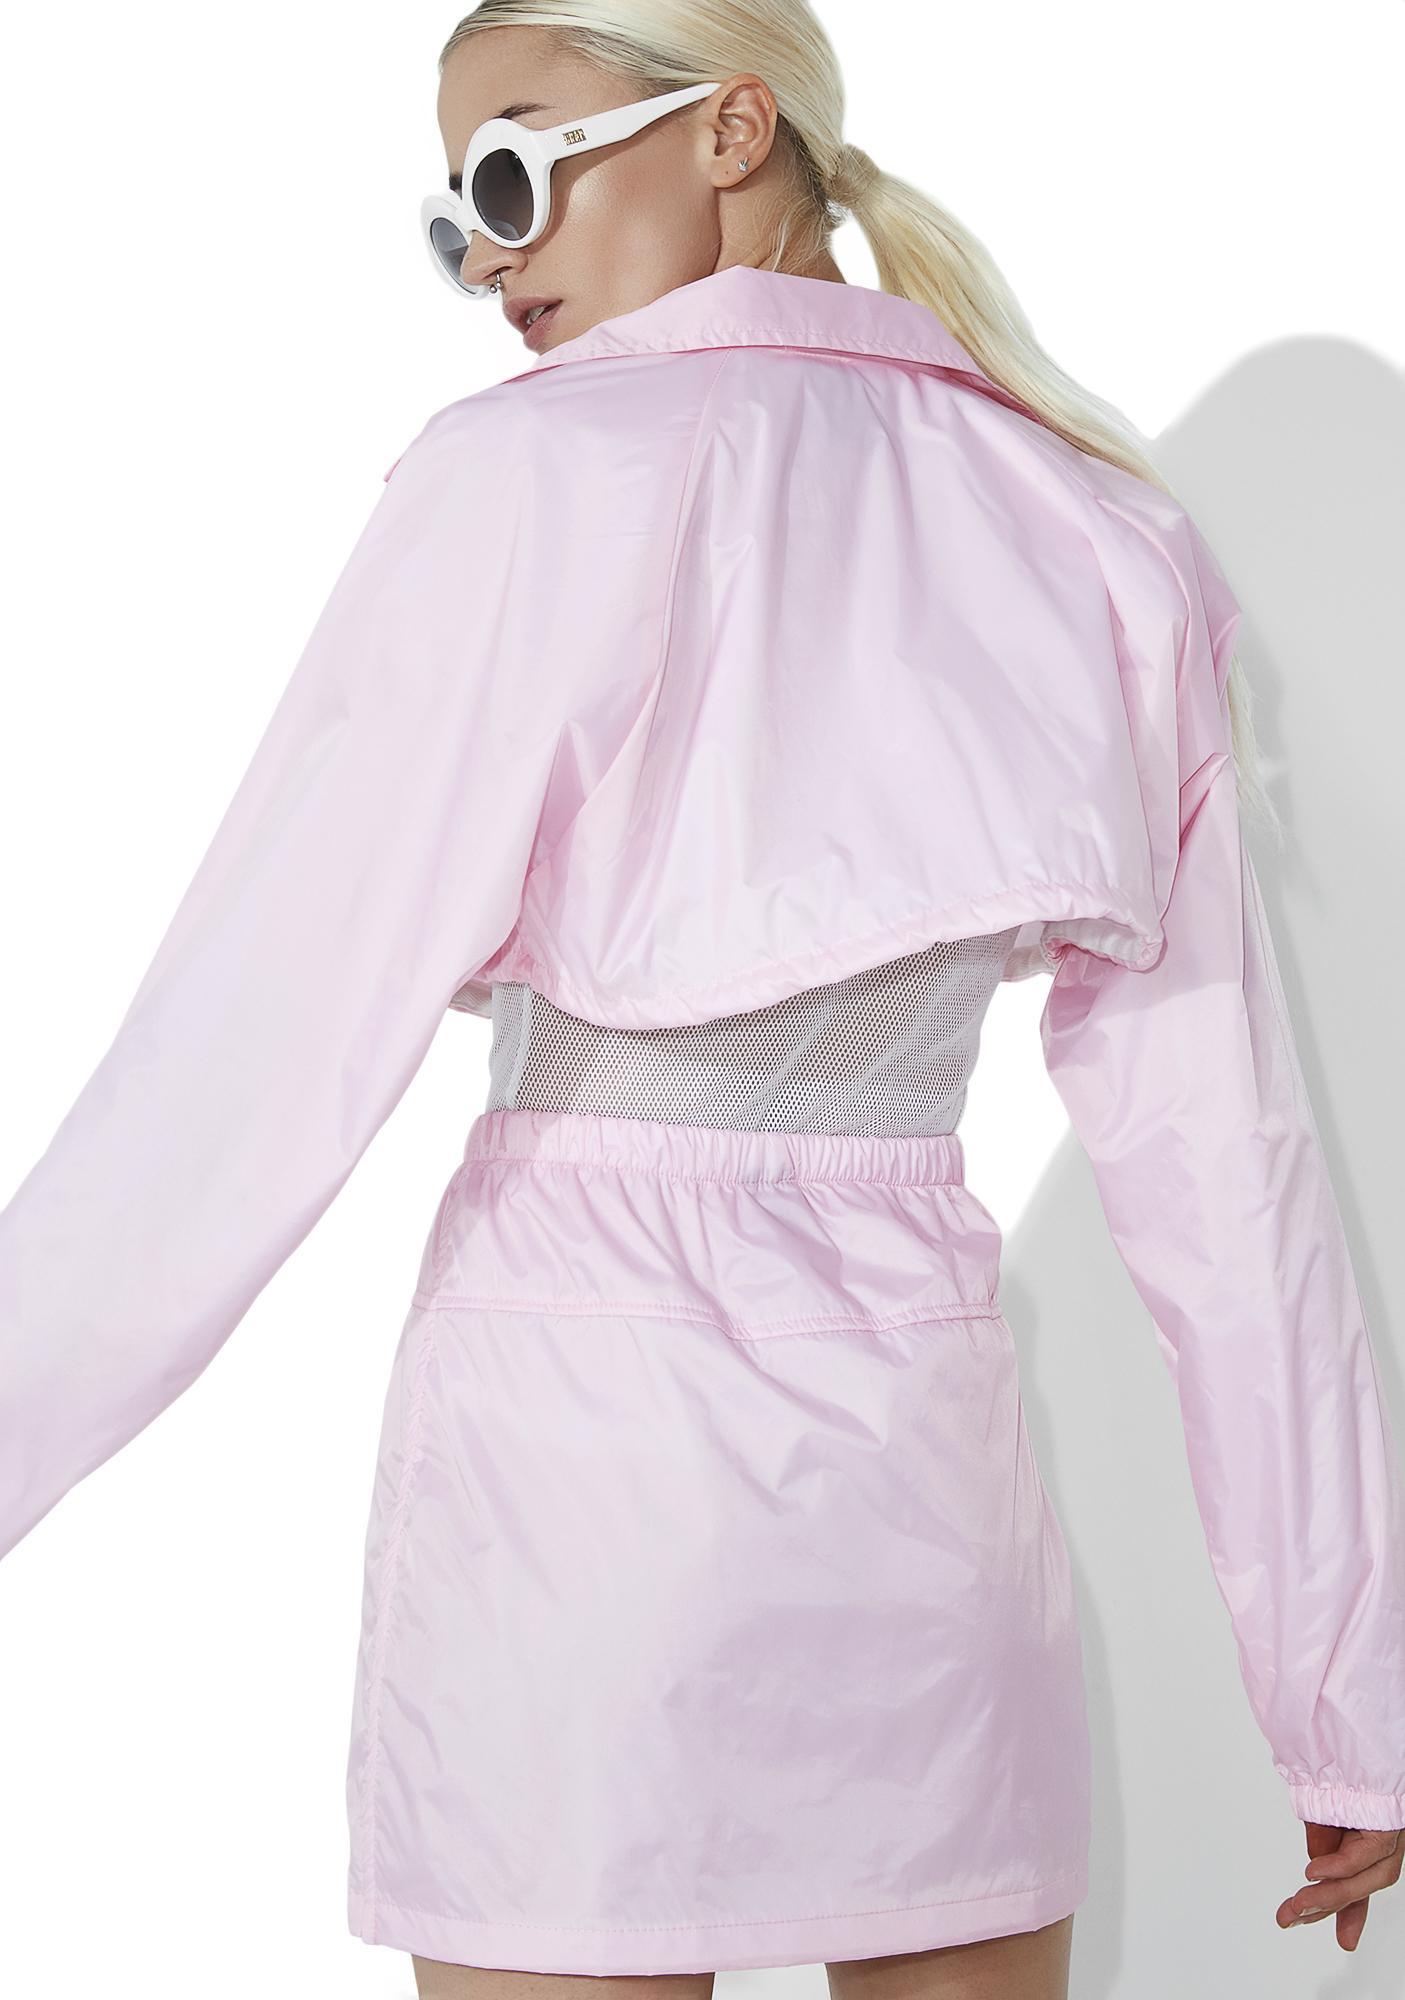 Syren Storm Warning Cropped Jacket